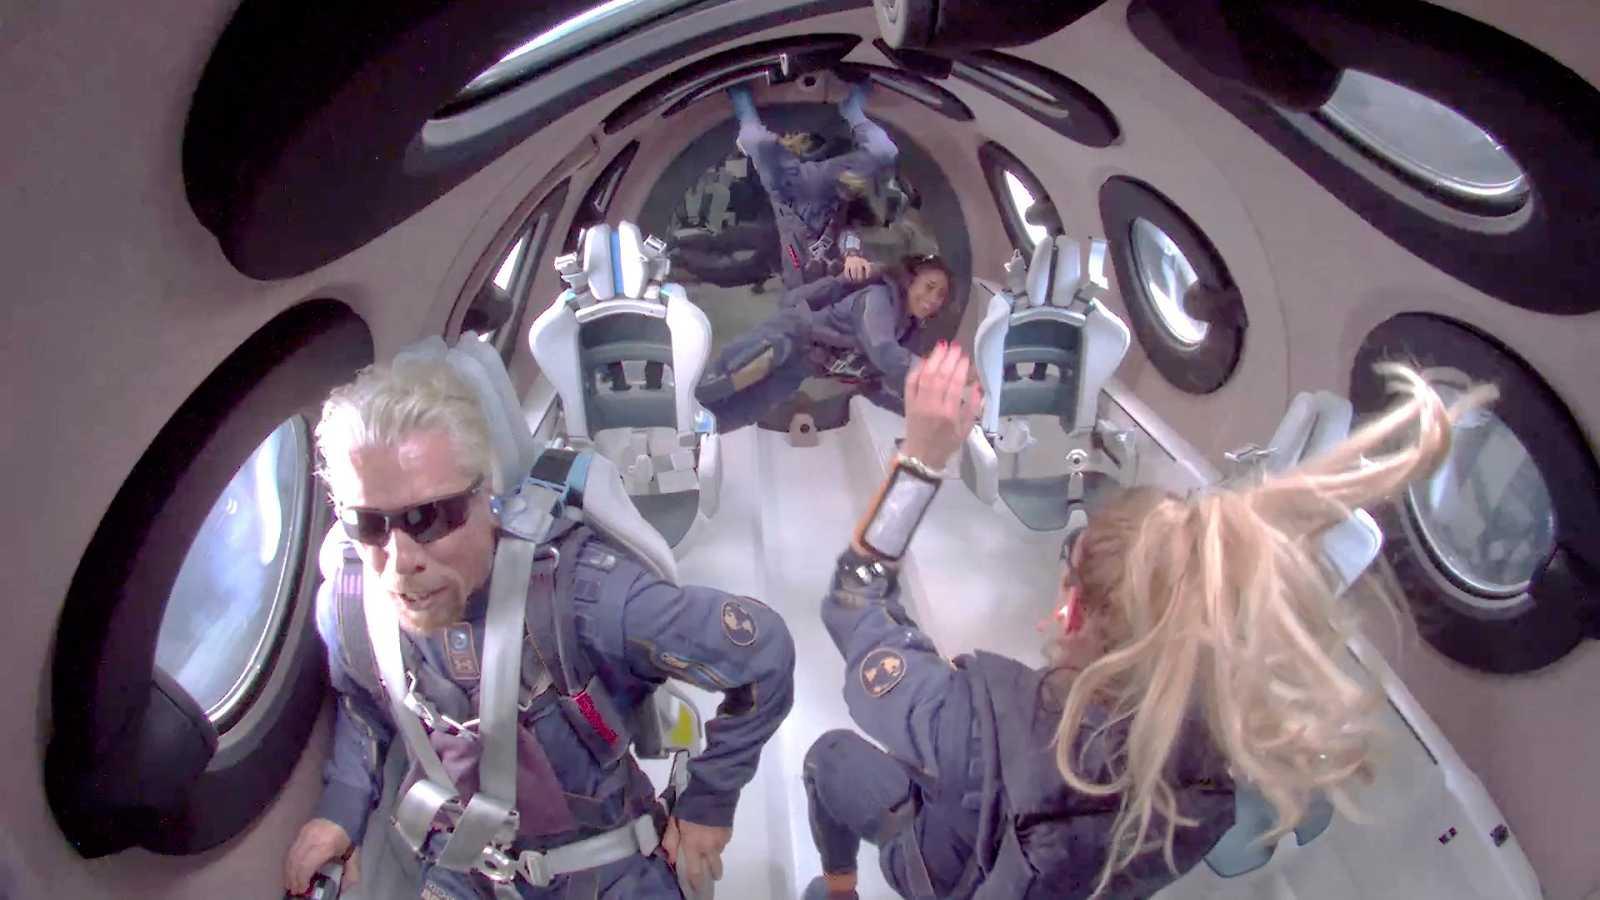 El magnate Richard Branson viaja al espacio a bordo de una aeronave de su empresa Virgin Galactic